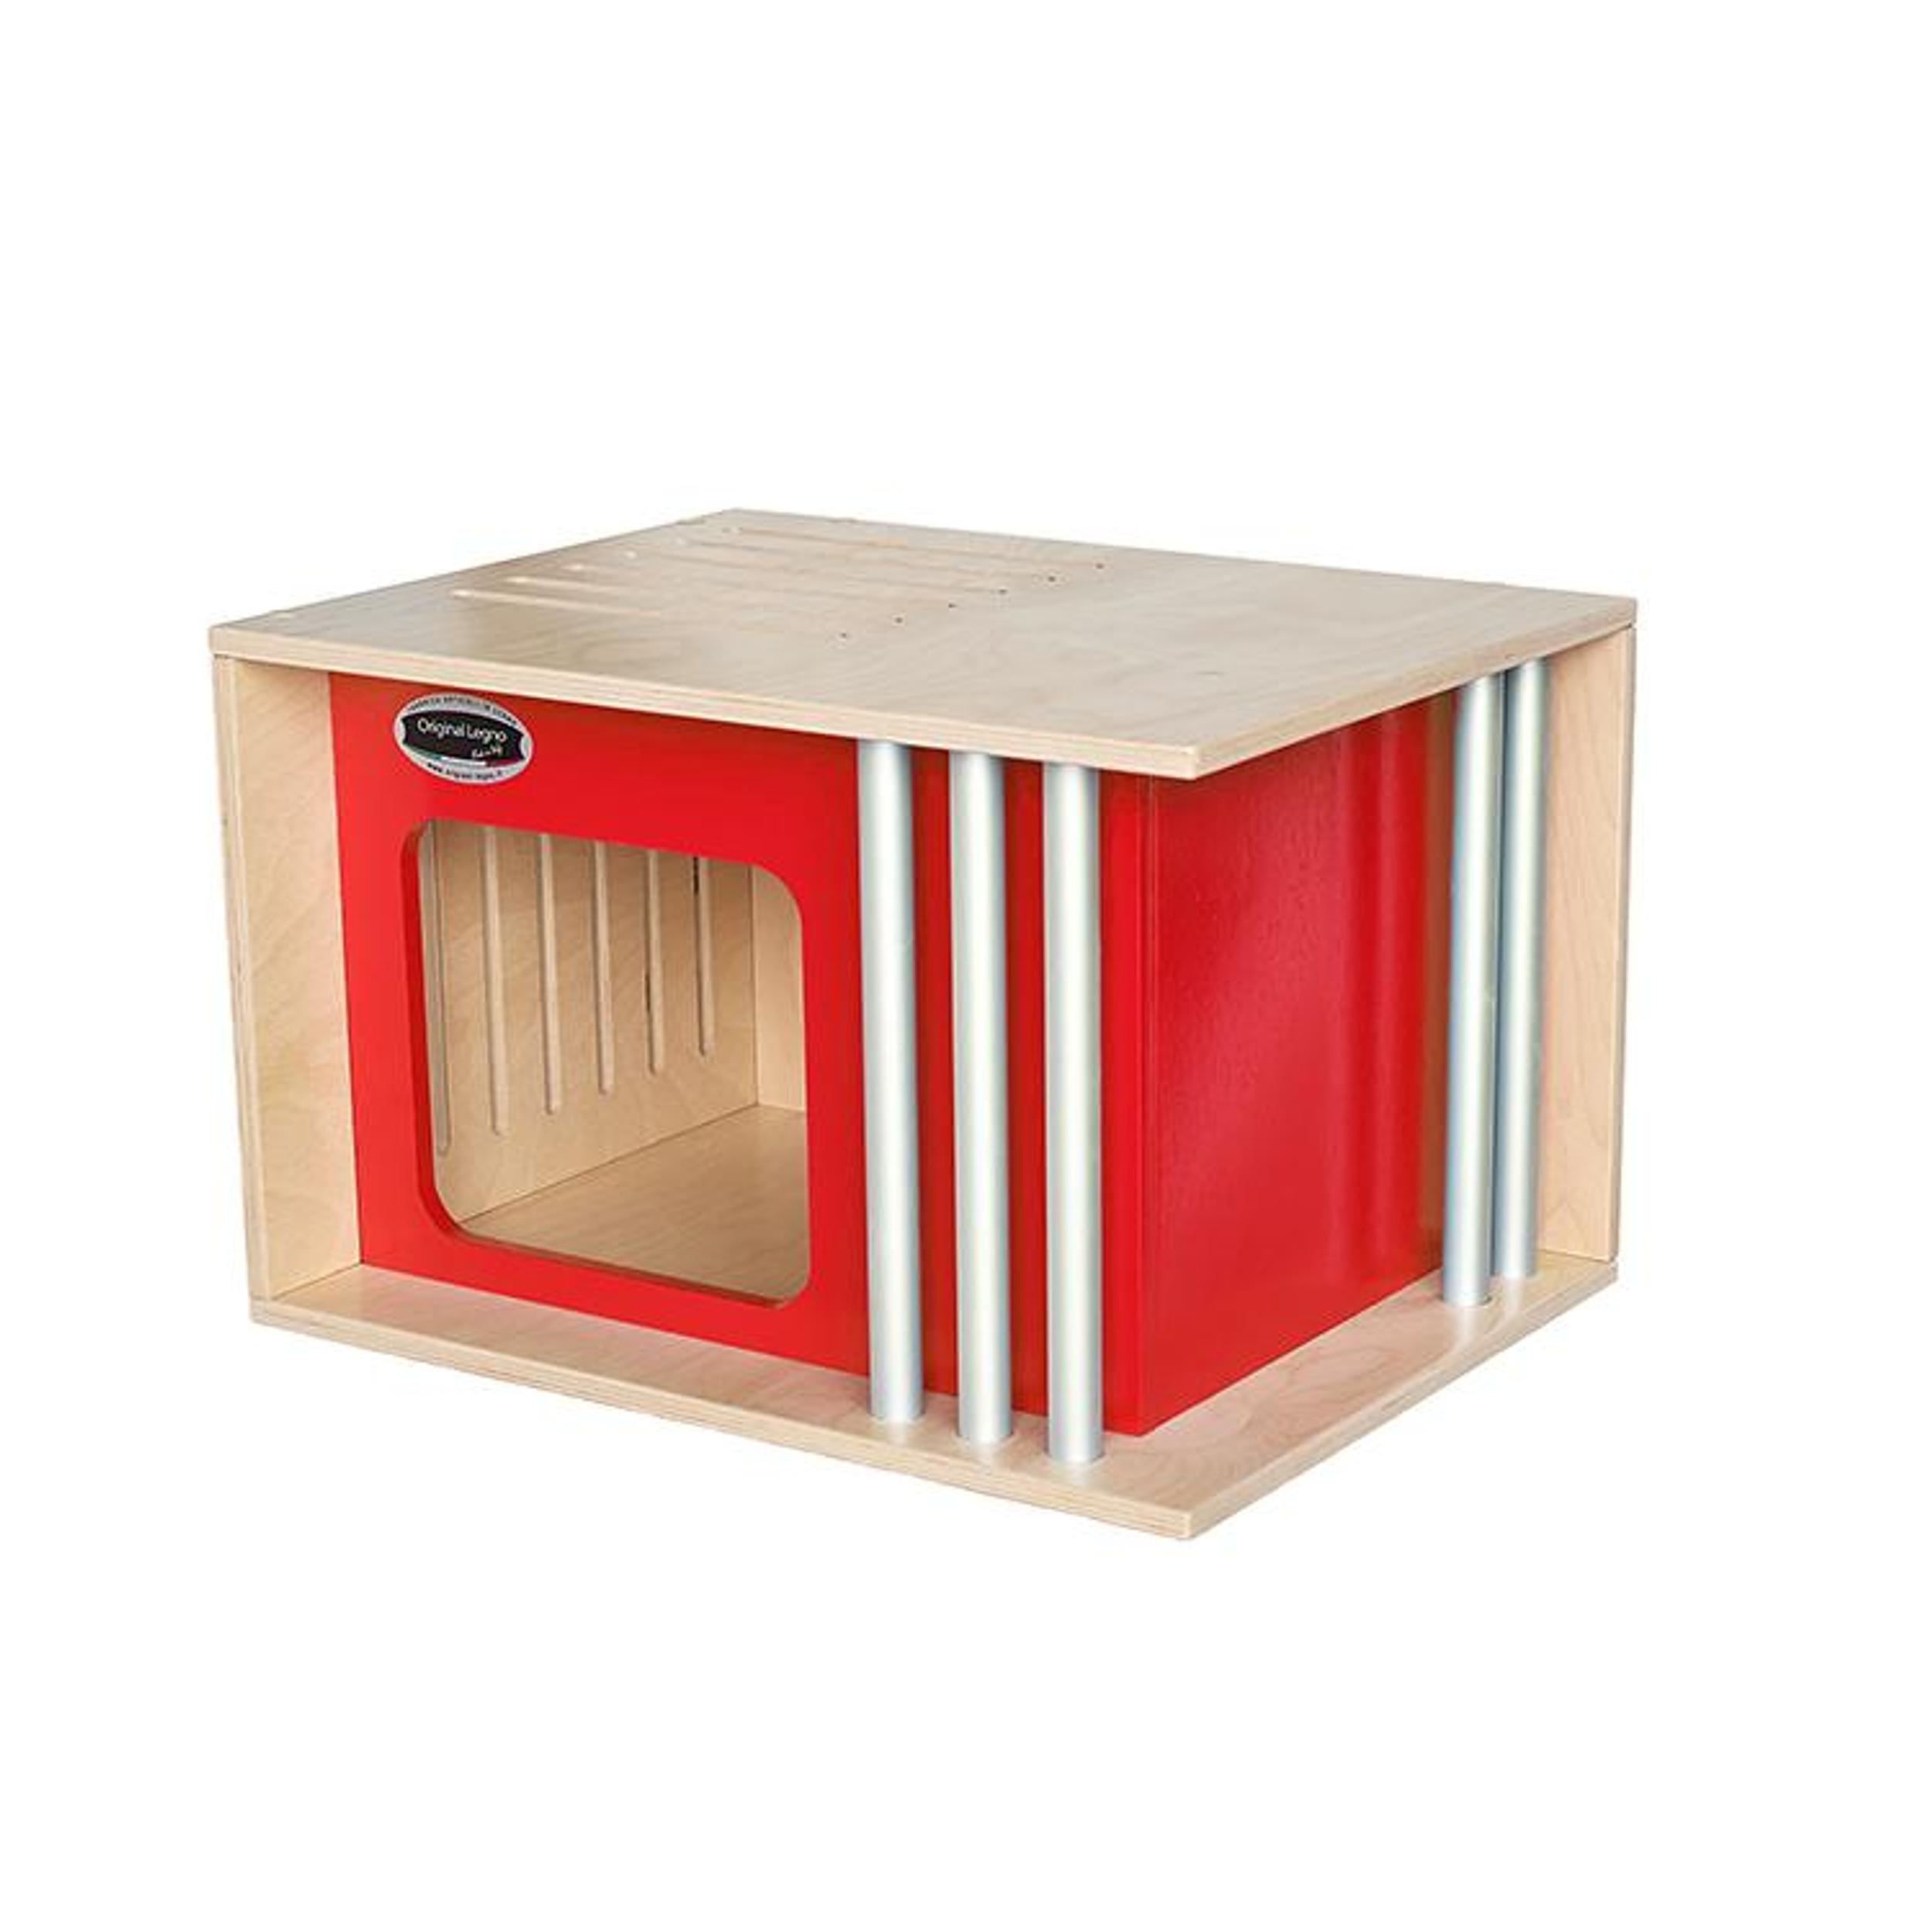 Cuccia Gatto Fai Da Te cucce in legno per interno per cani, gatti e conigli iride 50x38xh32 cm -  taglia l peso massimo di 7kg rossa | original legno